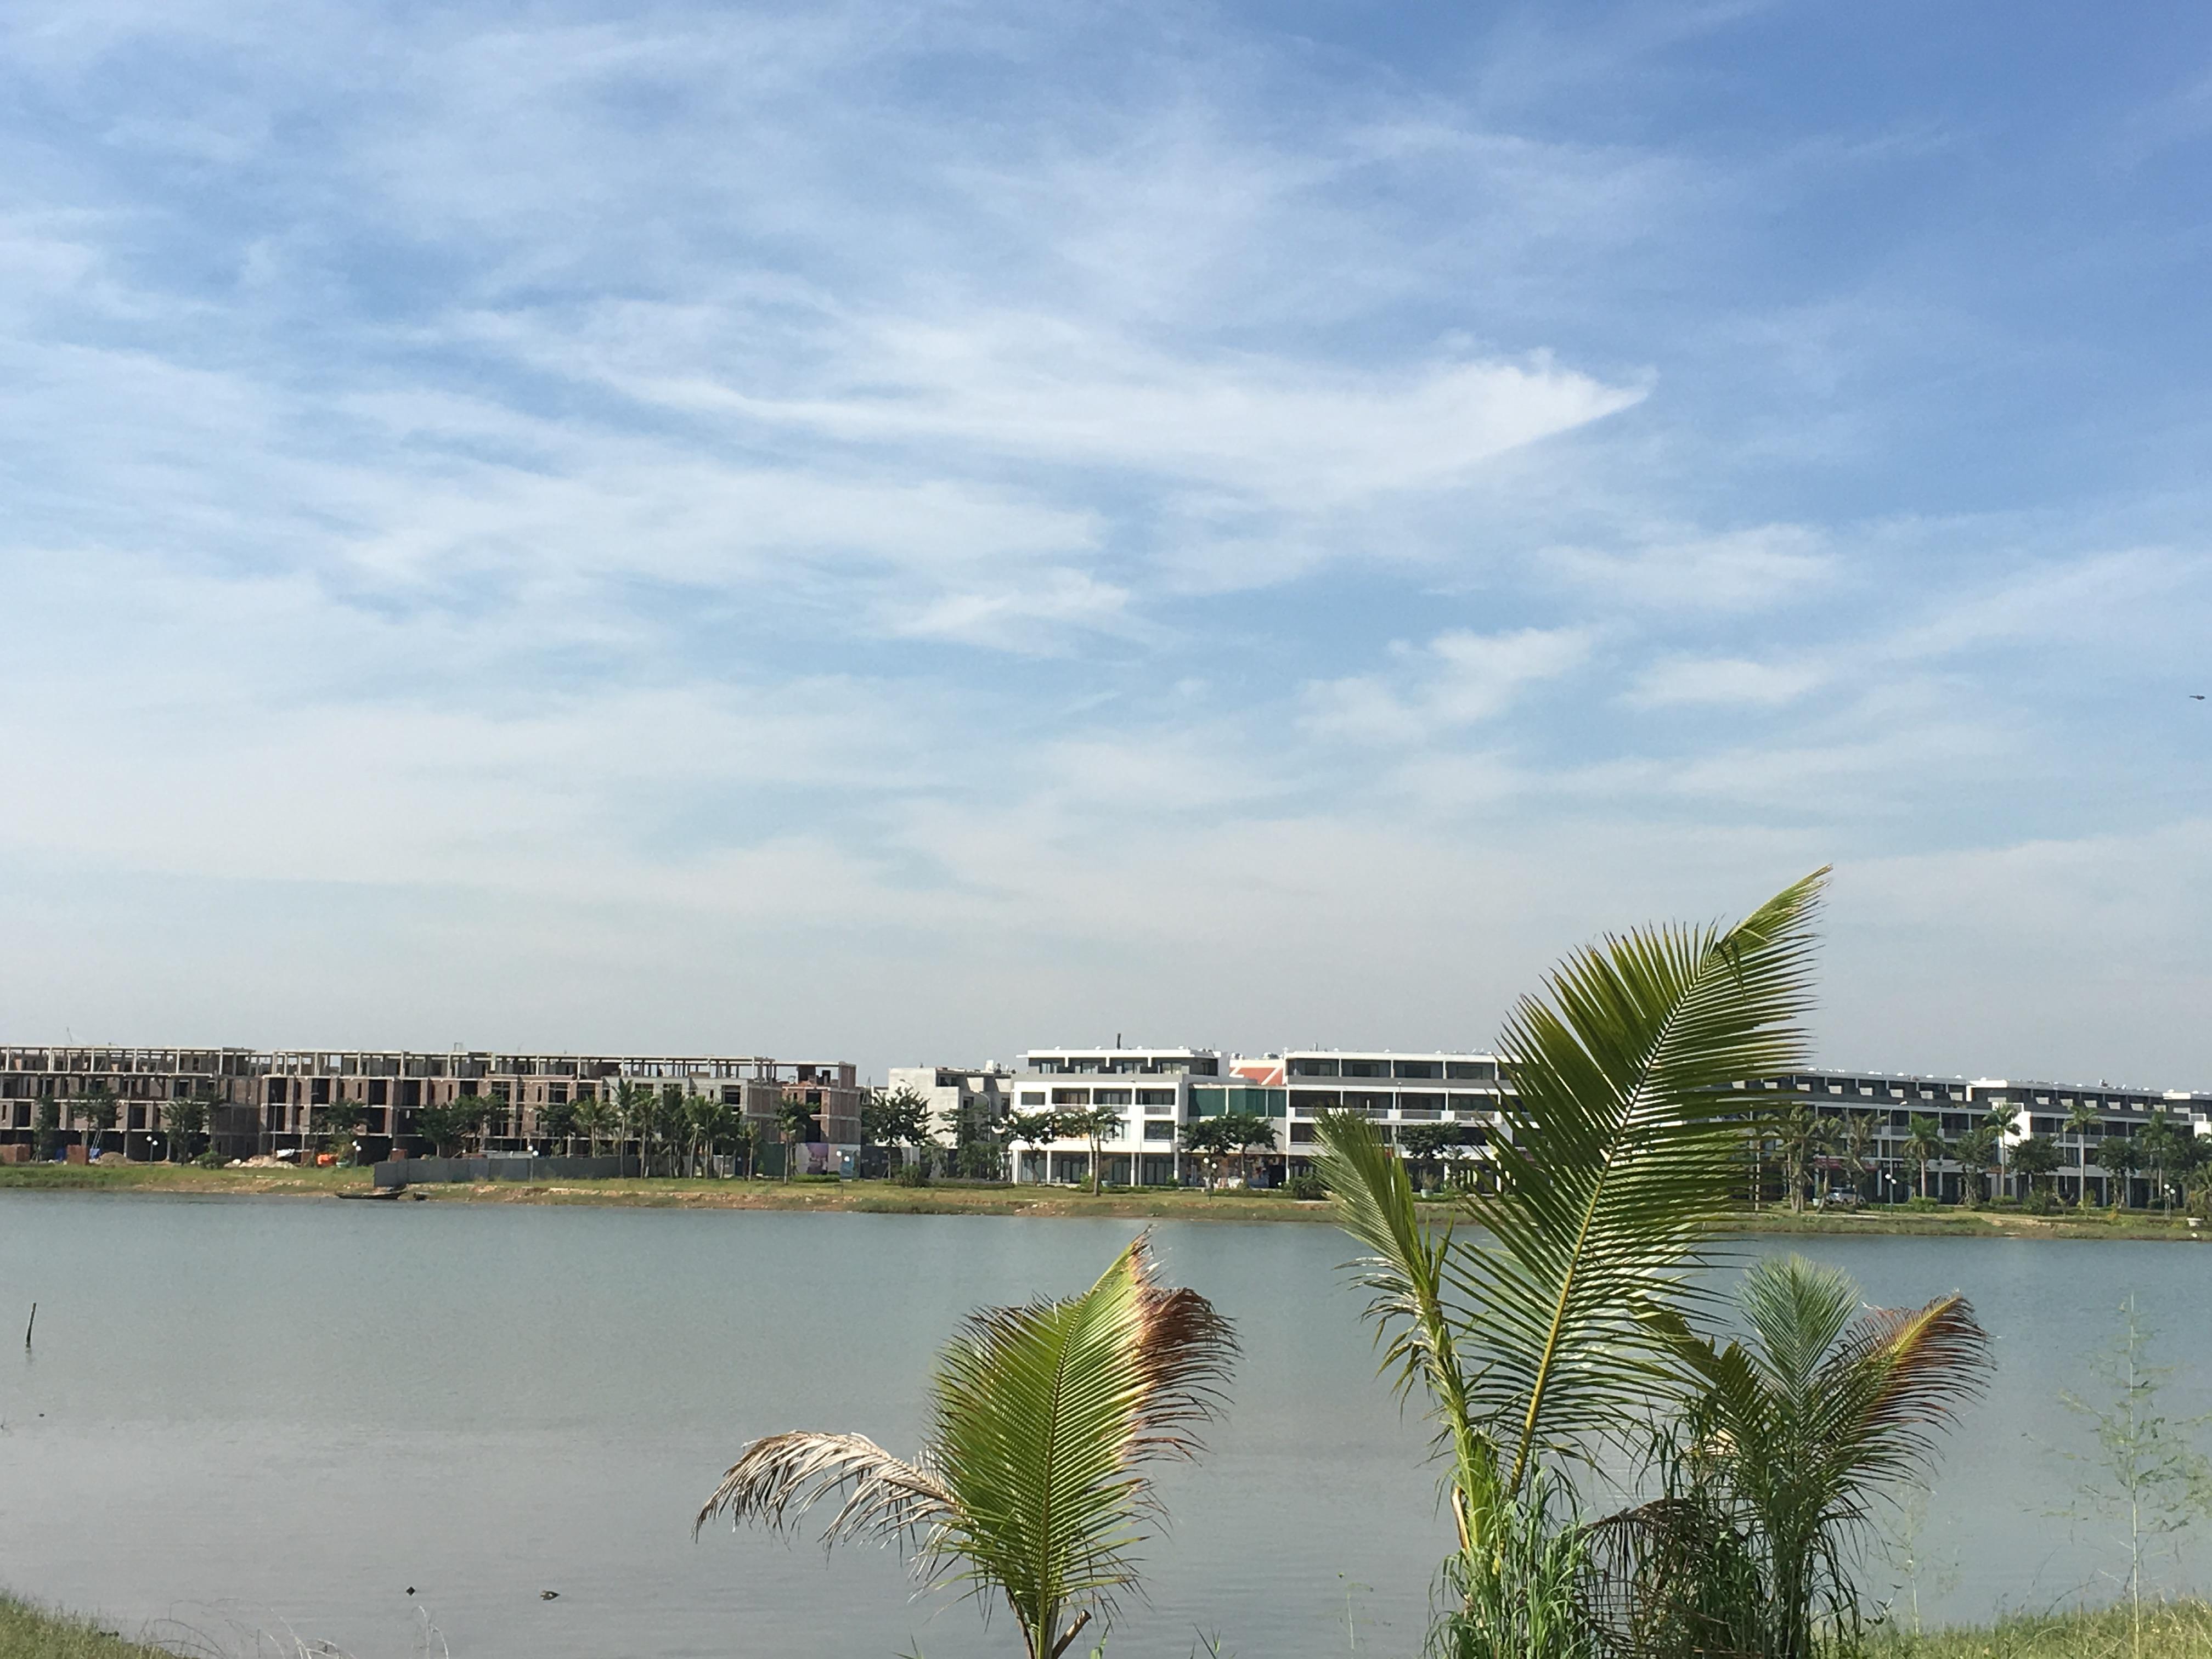 Khu nhà ở tại dự án Hạ Long Marina